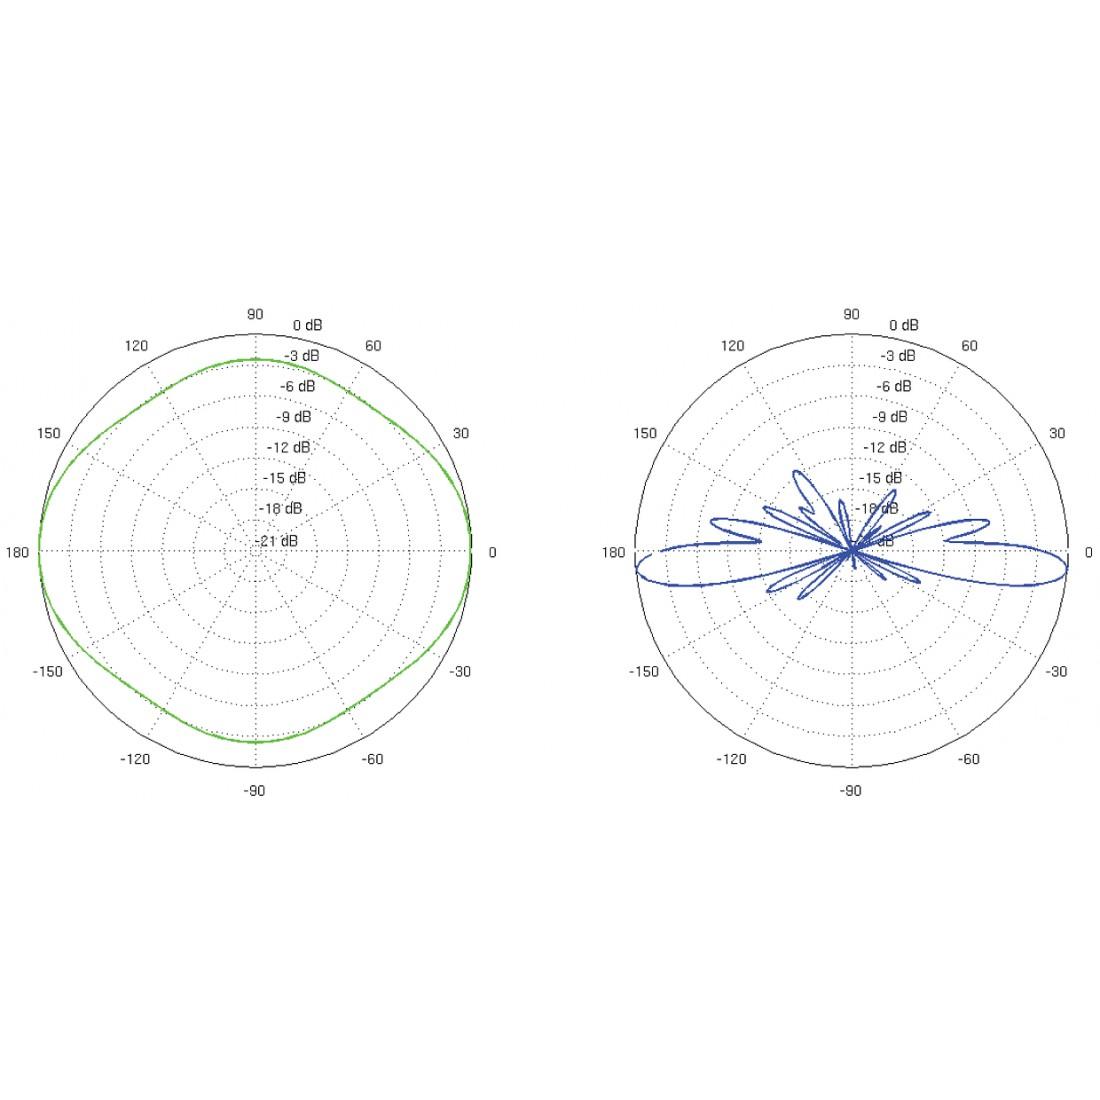 Polárne vyzžarovanie pre vertikálnu polarizáciu (horizontálna a vertikálna rovina)